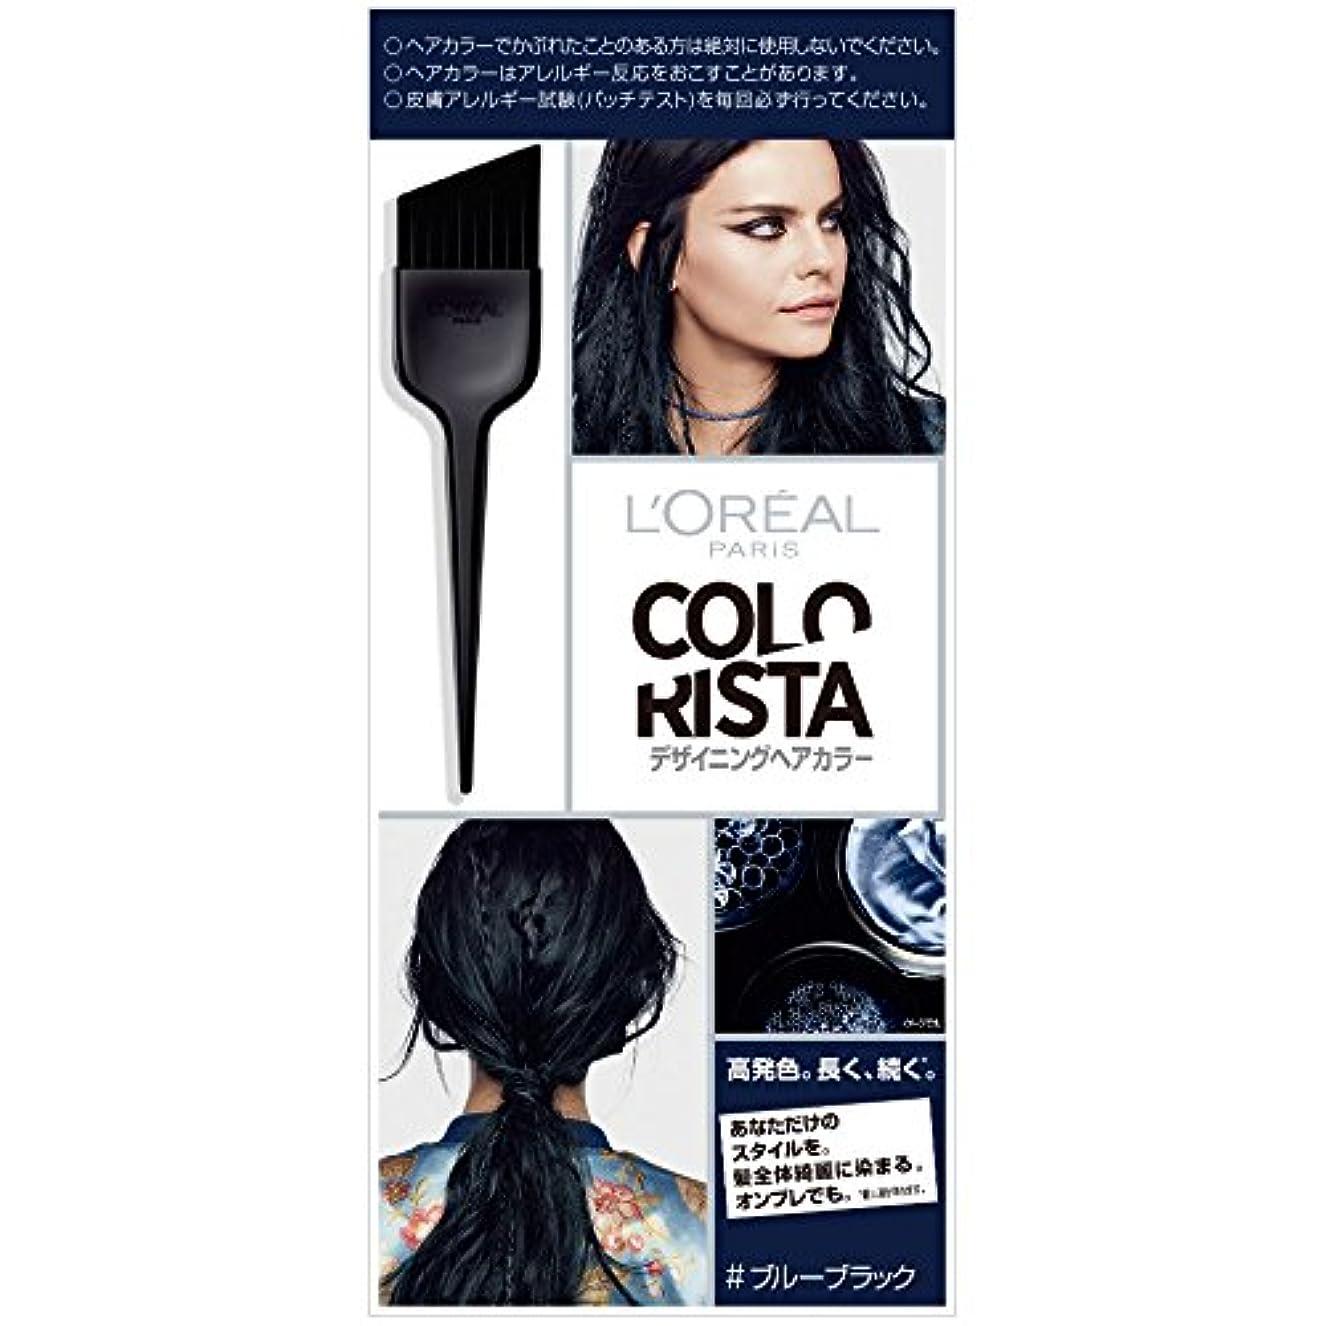 ジャンピングジャック大騒ぎ傾向があるロレアル パリ カラーリスタ デザイニングヘアカラー ブルーブラック